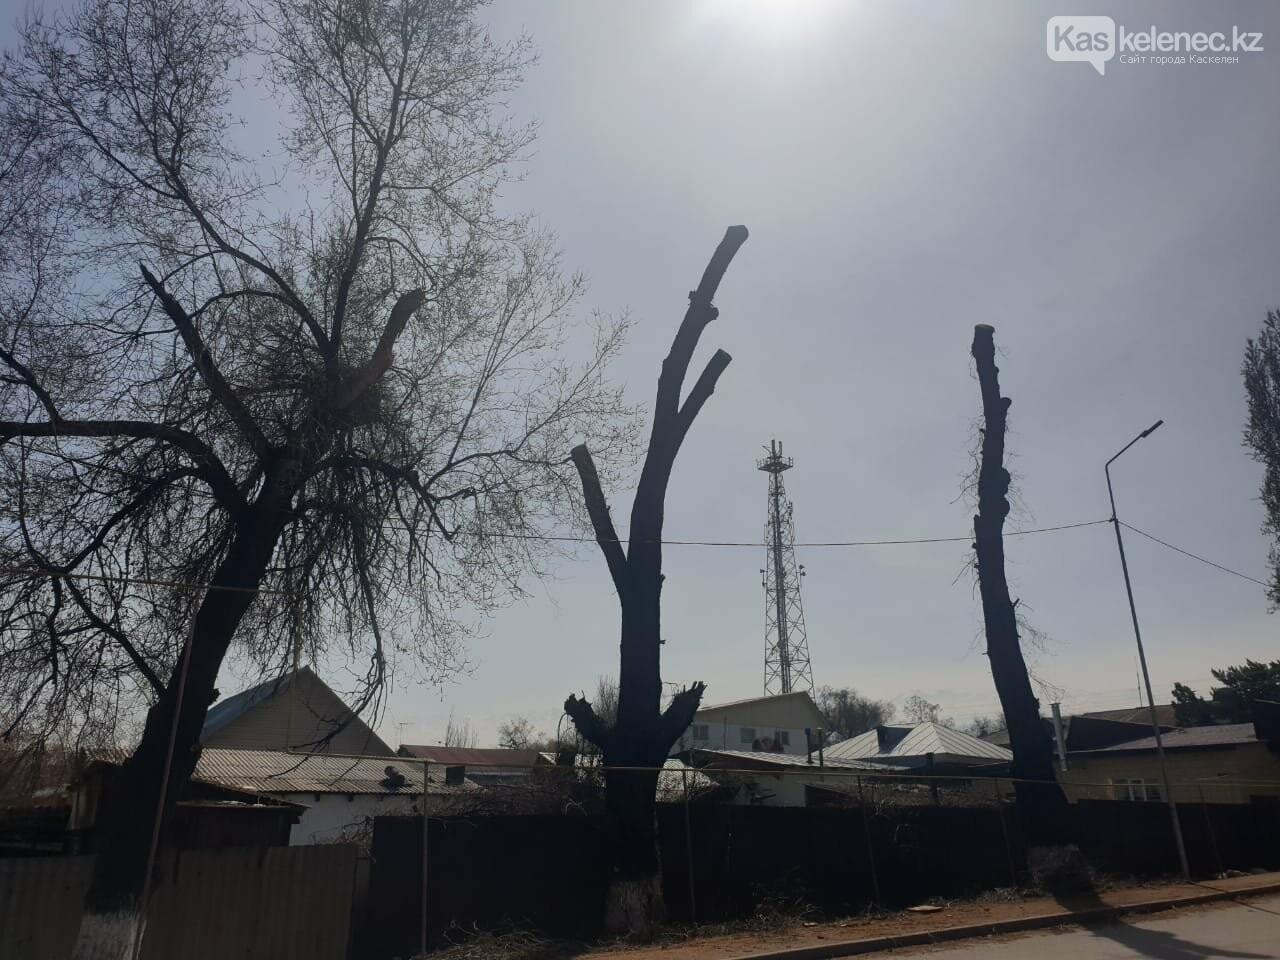 Незеленый Каскелен: почему в городе пилят деревья, фото-7